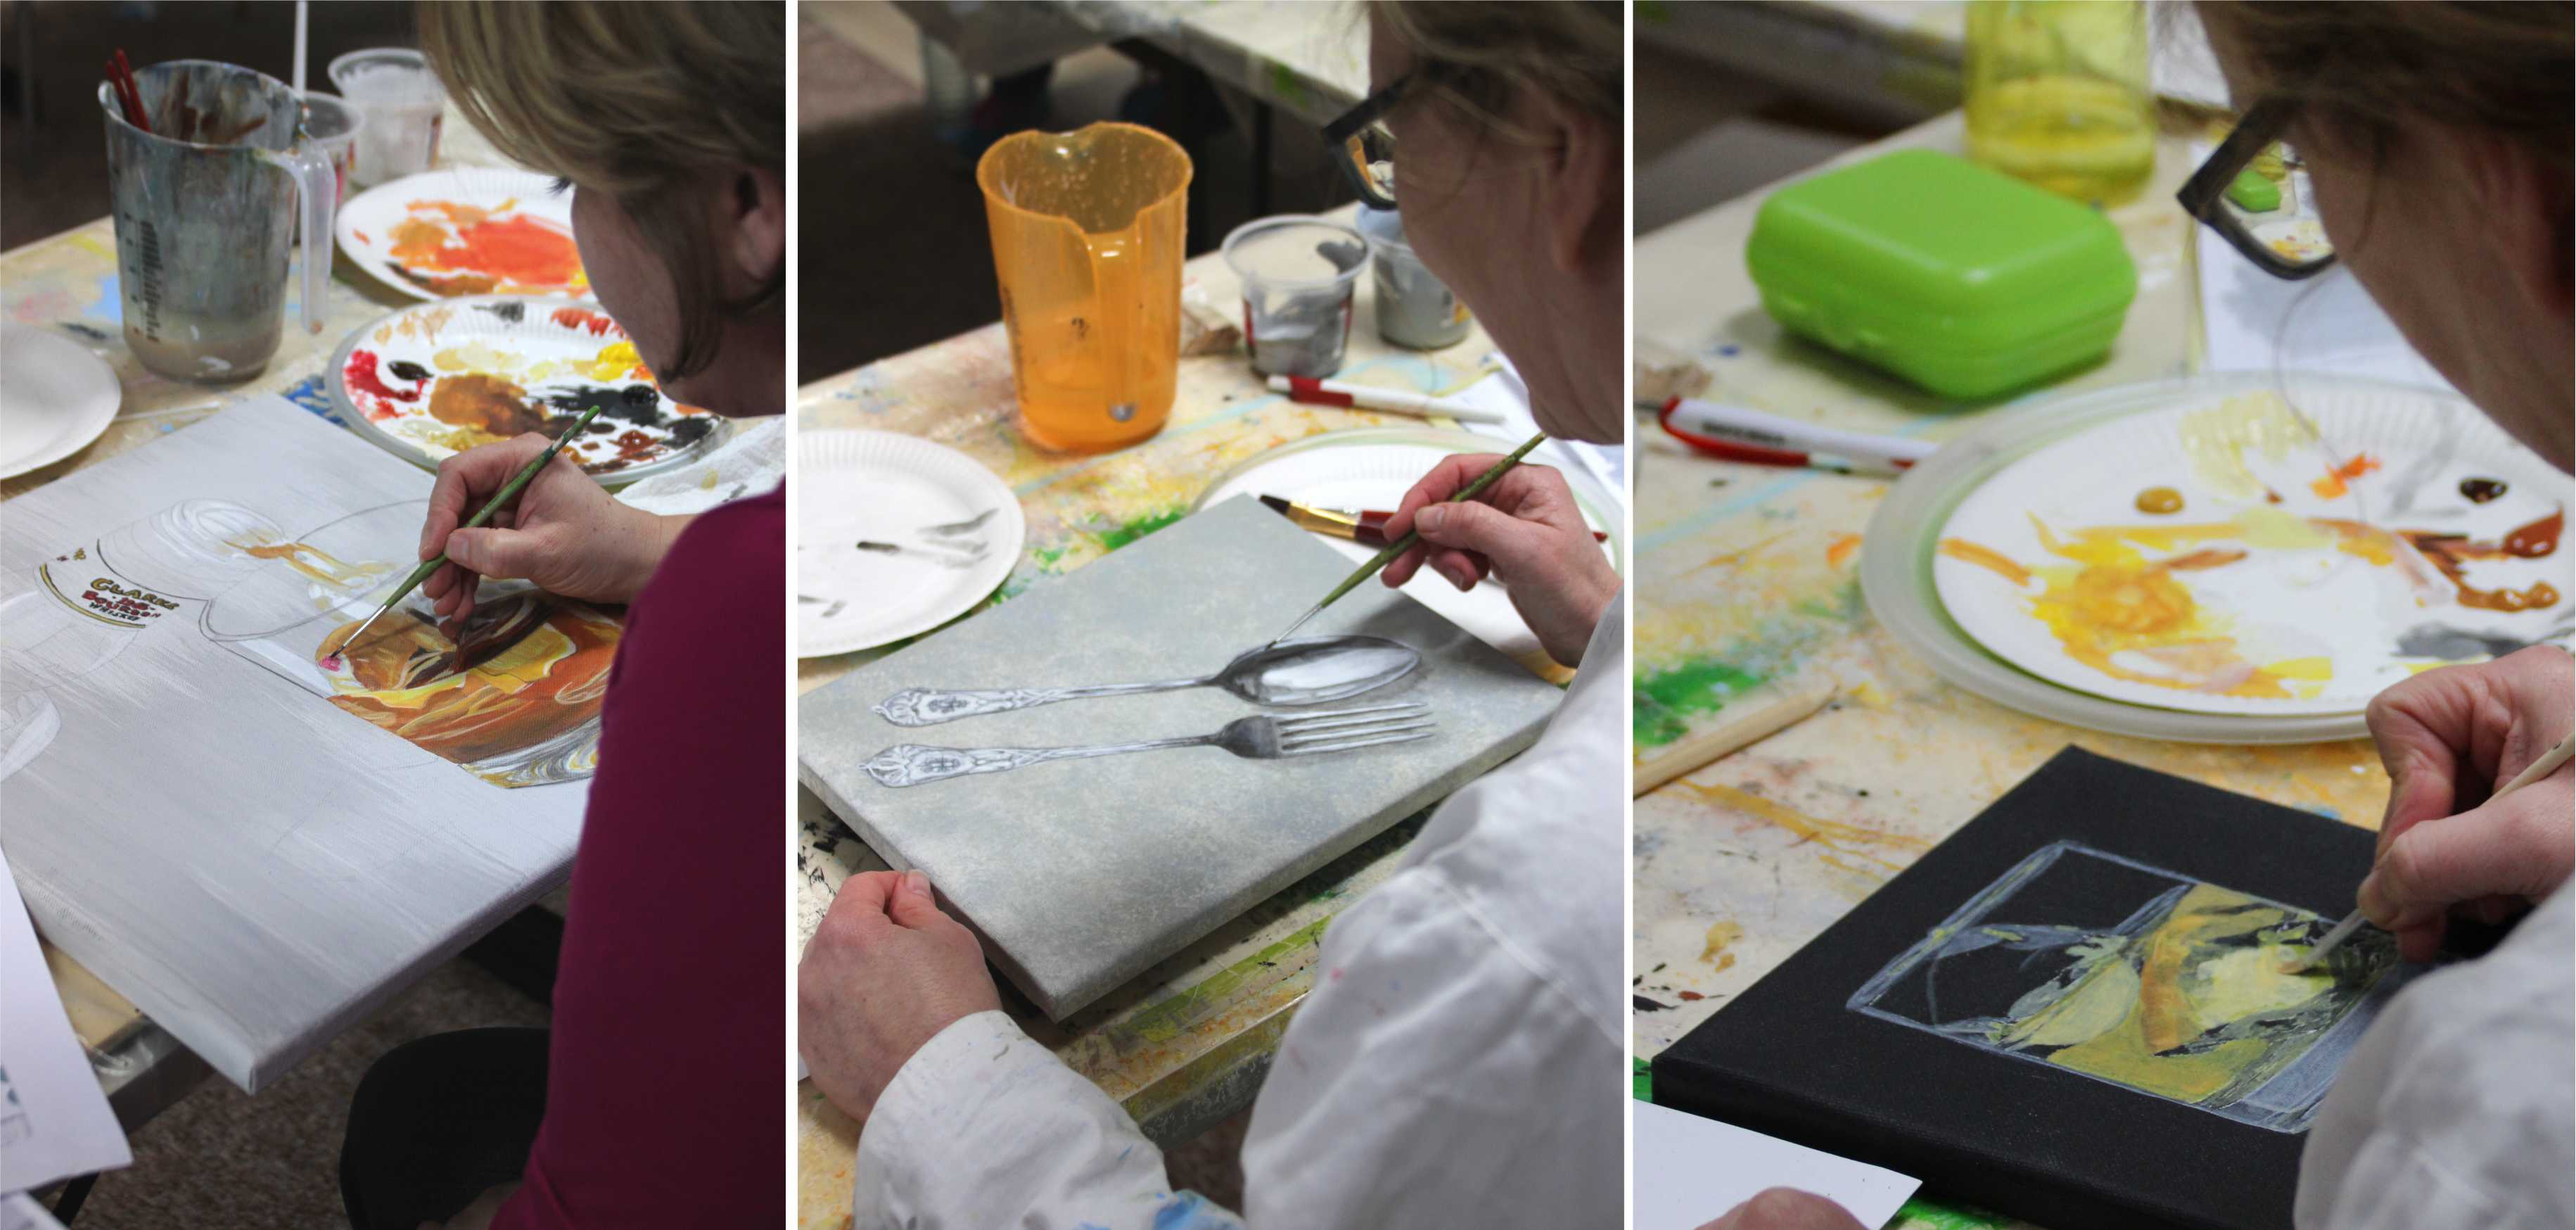 Kurs Kleine Imitationen für Künstler Kunstakademie Wertheim, Akademie für Fotorealismus, Atelier Leoni